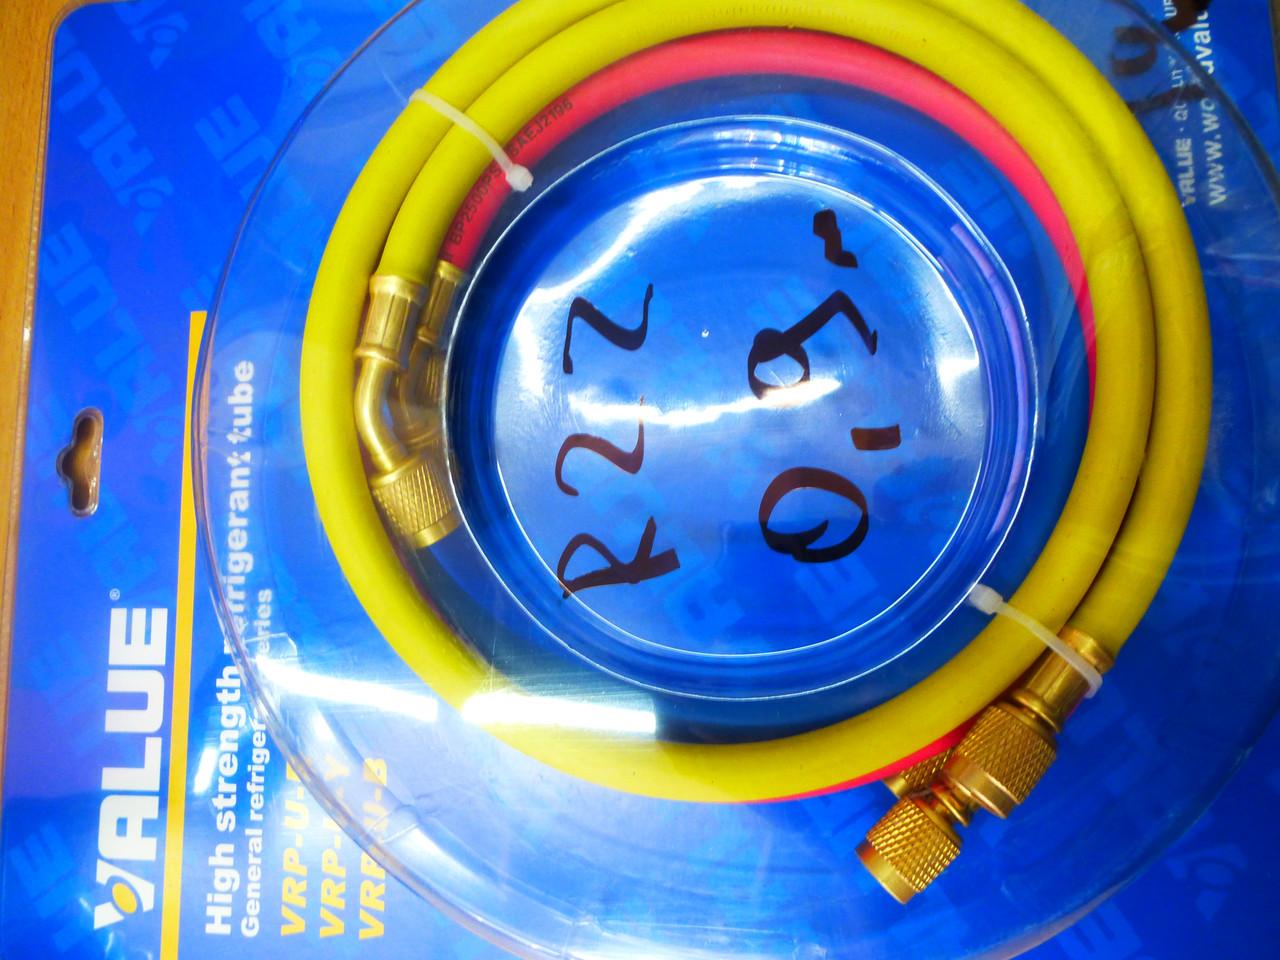 Комплект заправочных шлангов VALUE  R 22 -0,9м ,3 шт